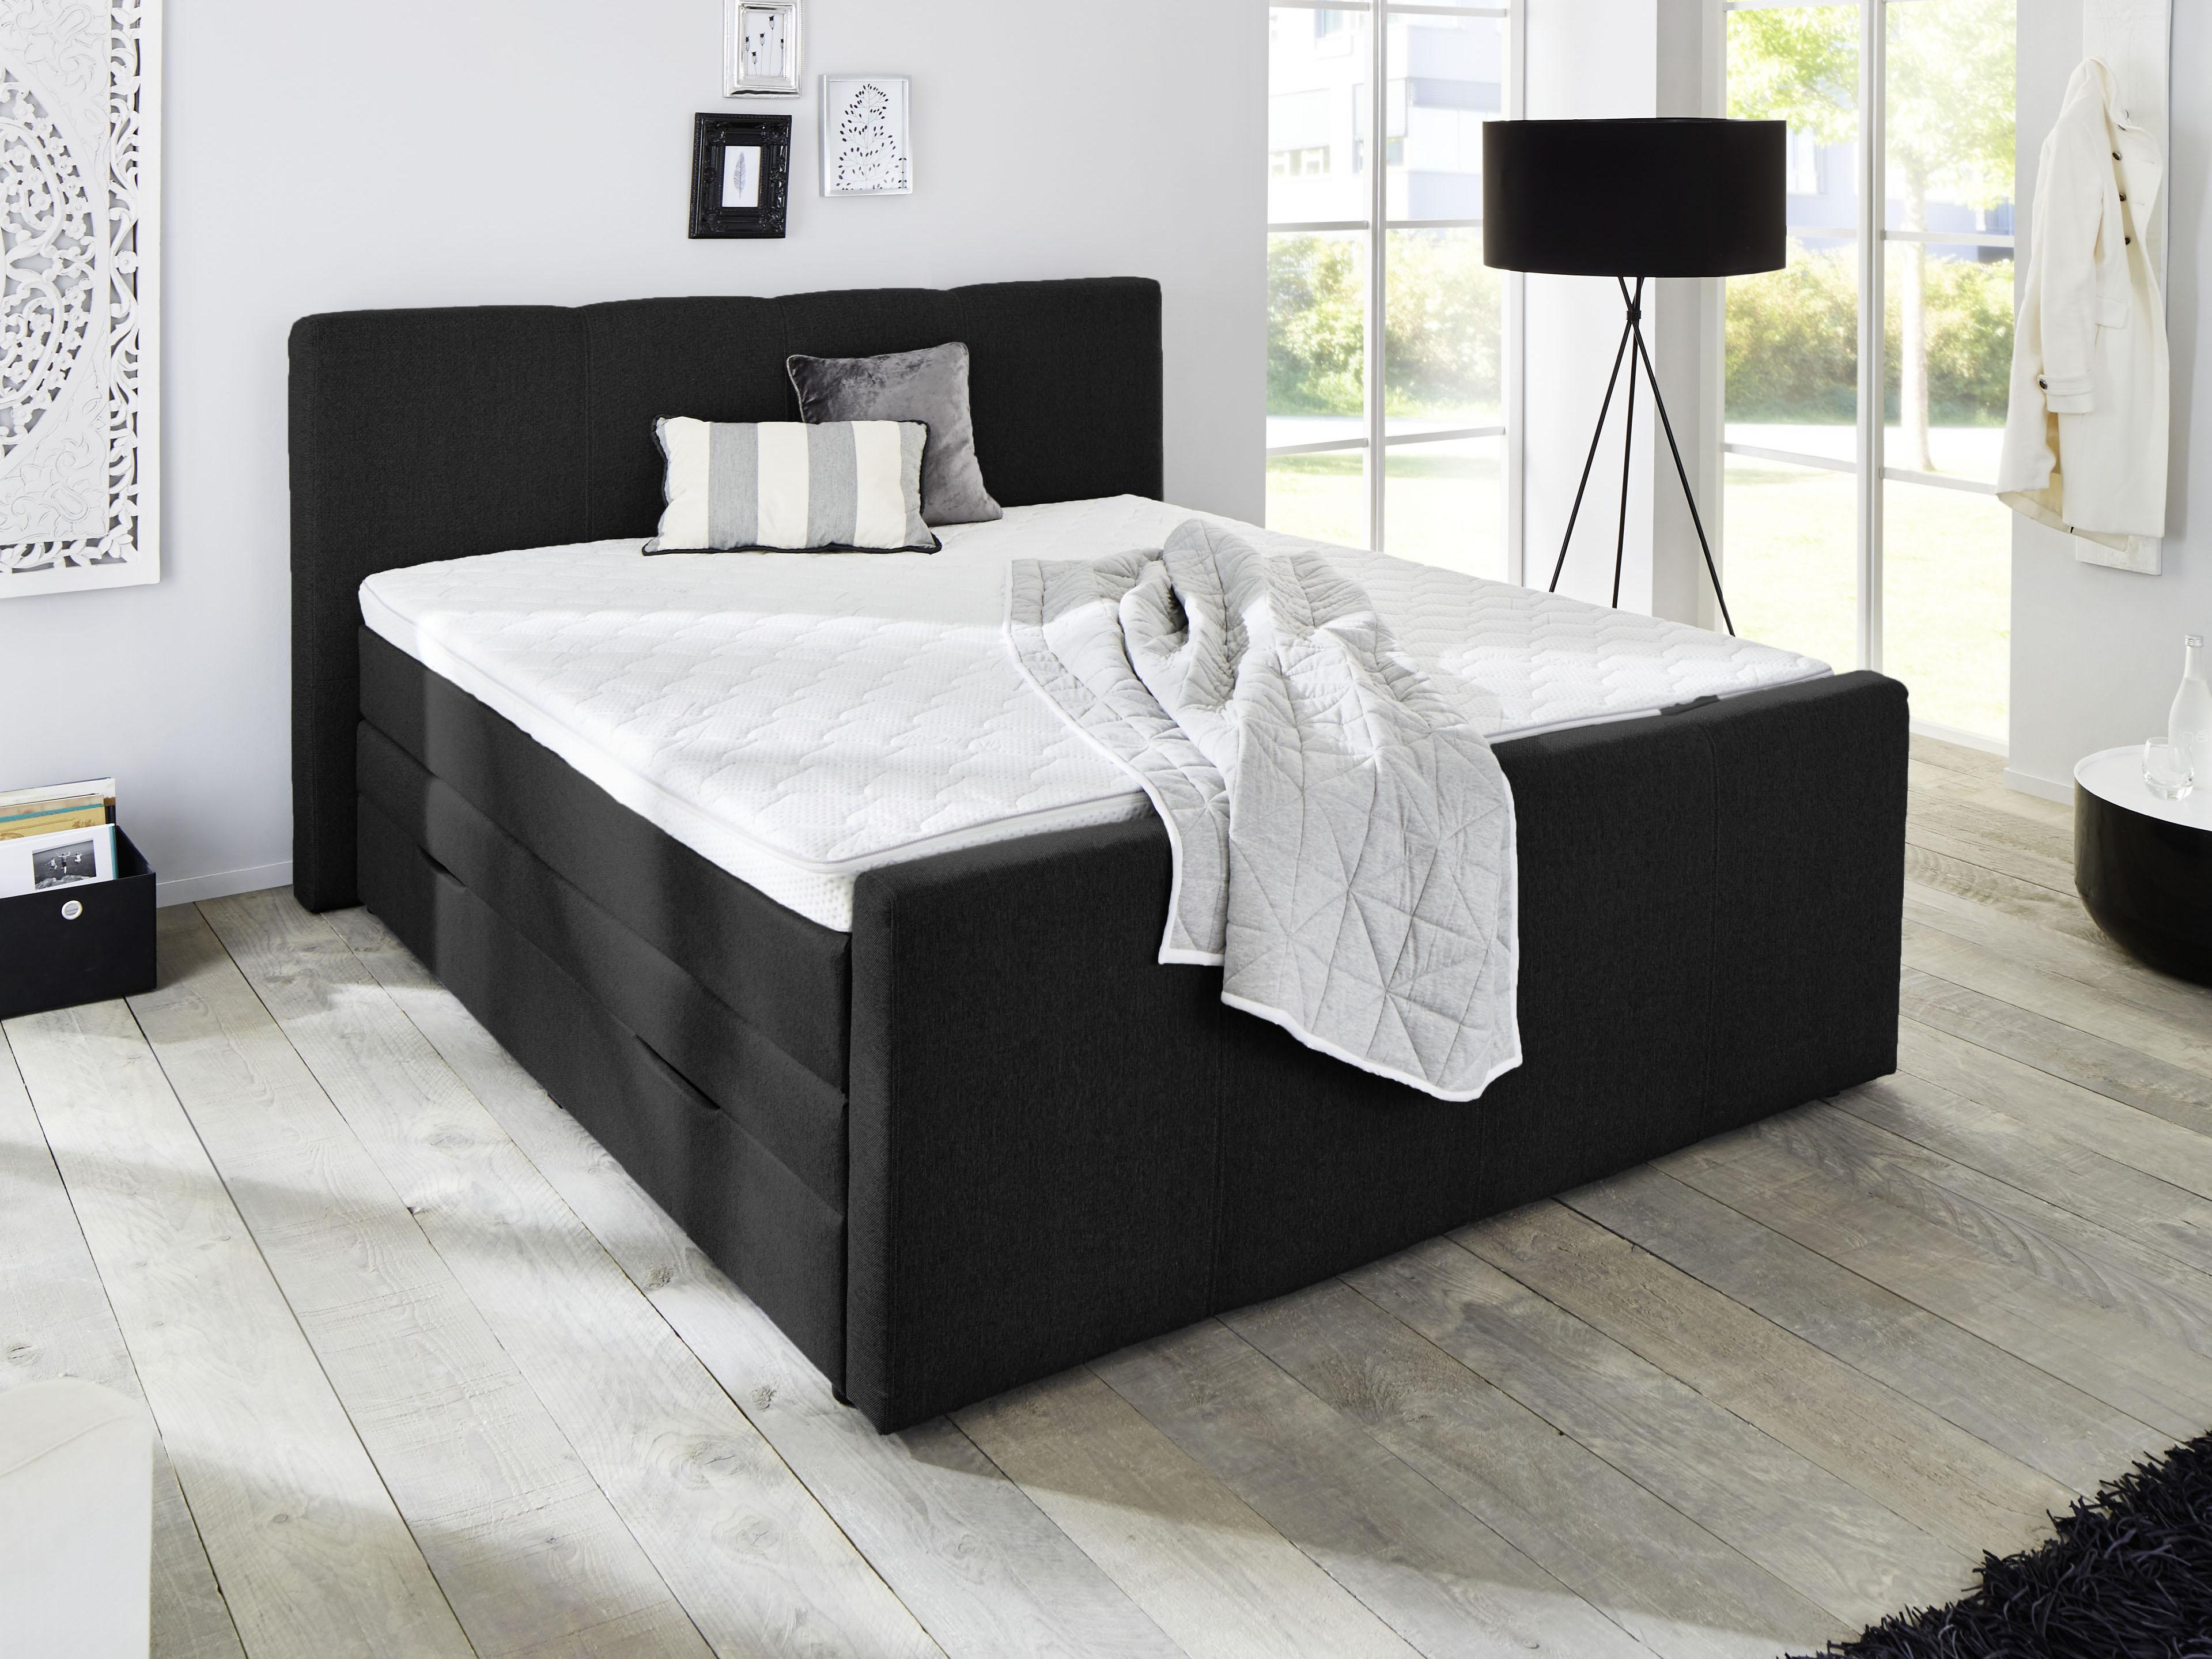 Manželská posteľ Boxspring 180 cm - Styler - TBX 1110 (čierna) (s matracmi). Doprava ZDARMA. Sme autorizovaný predajca Styler. Vlastná spoľahlivá doprava až k Vám domov.